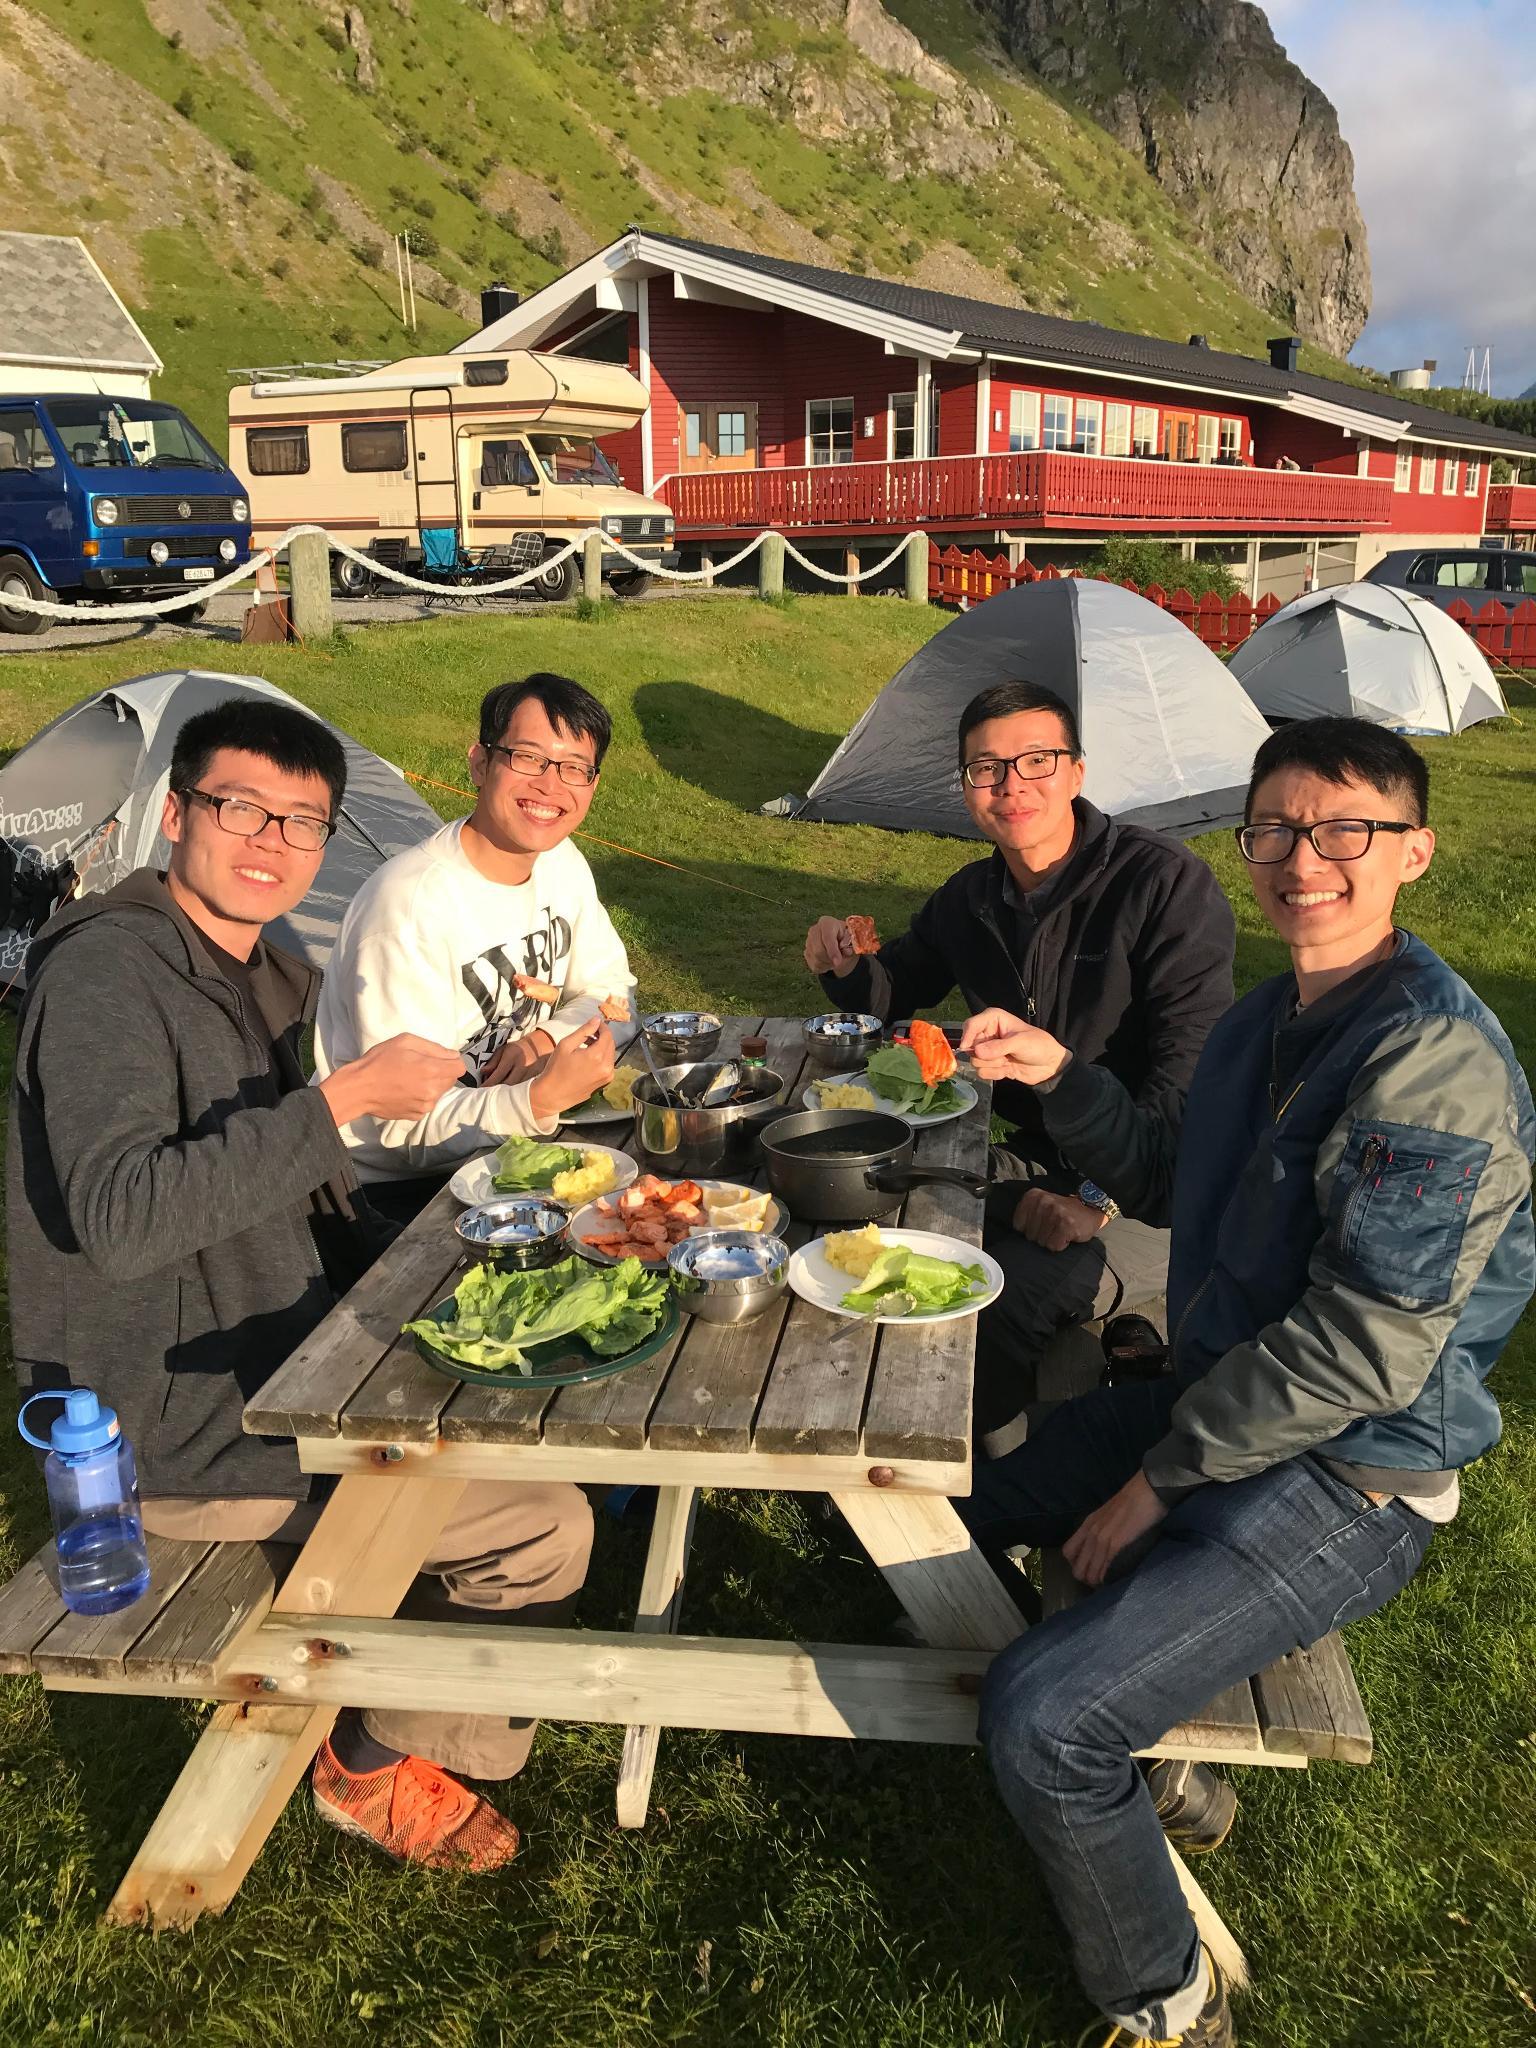 【北歐露營】推薦羅弗敦群島露營地 - Ramberg Camping 16